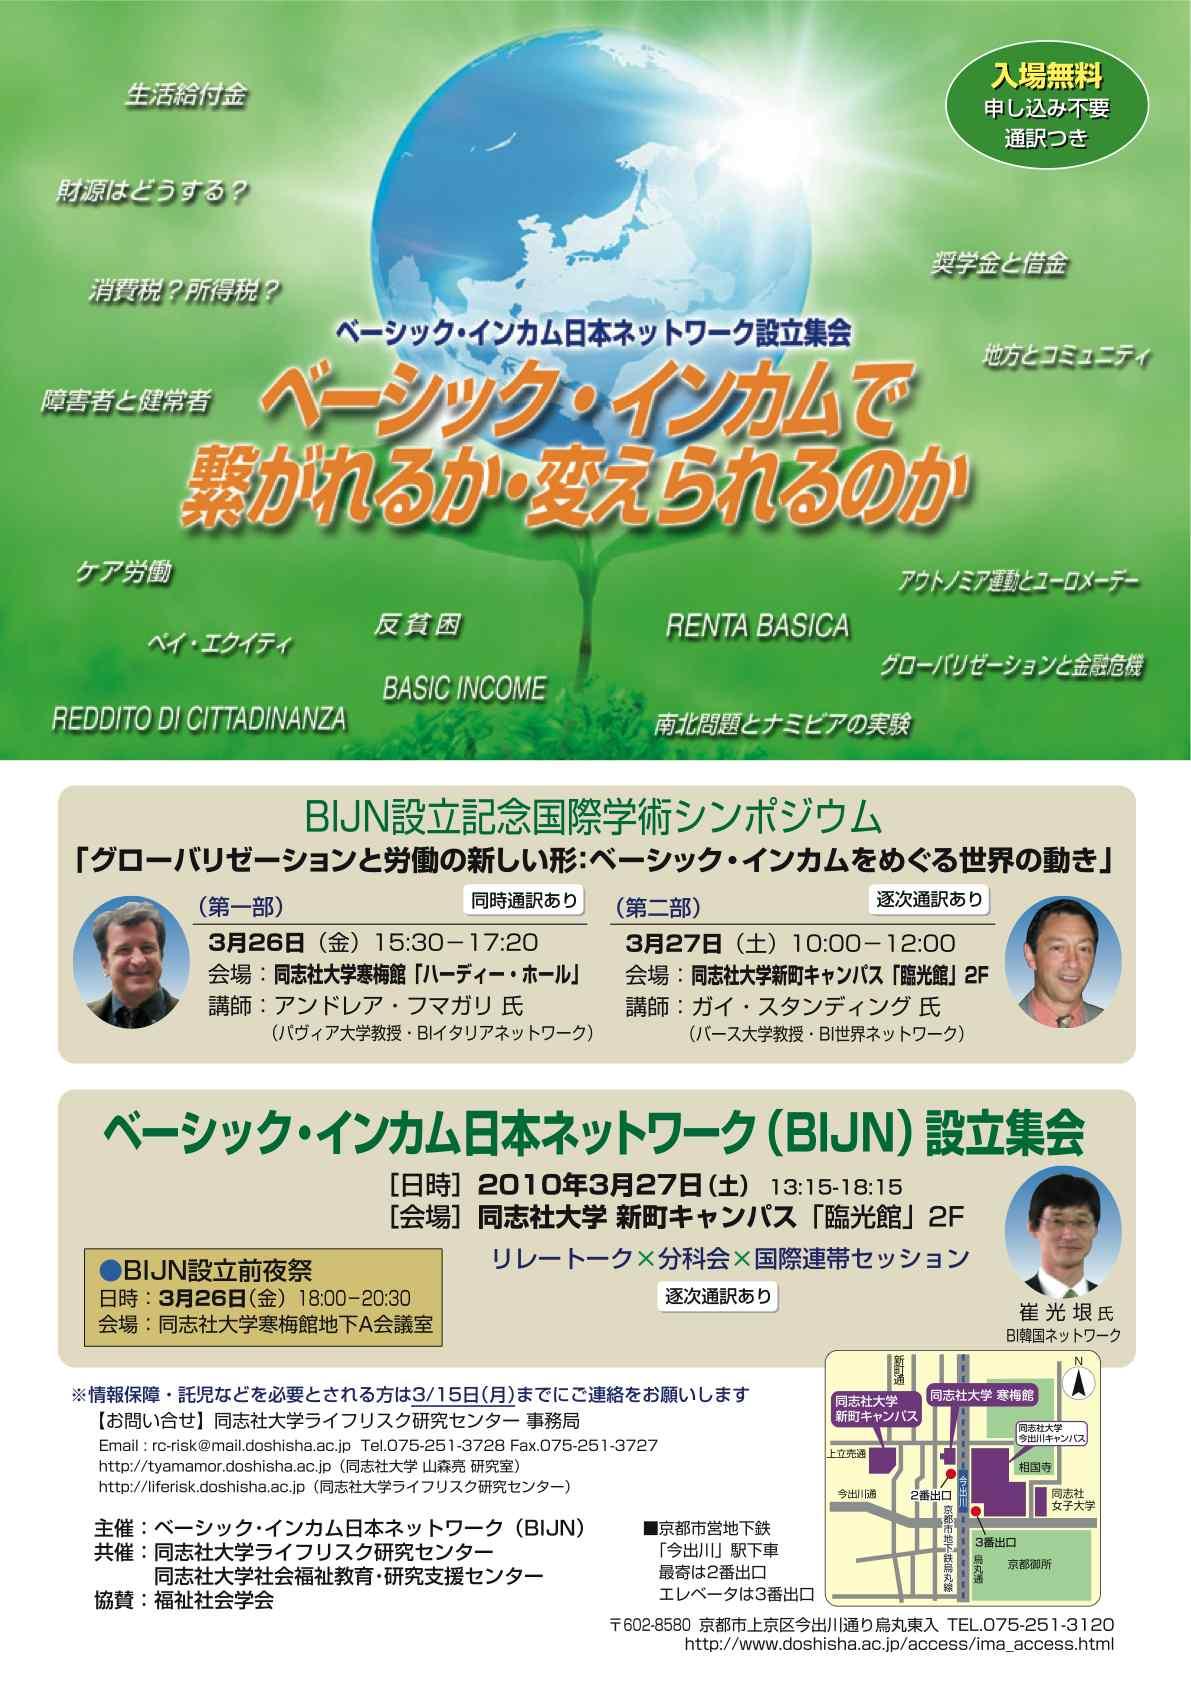 BI日本ネットワークが京都からひろがる_e0105099_115551.jpg